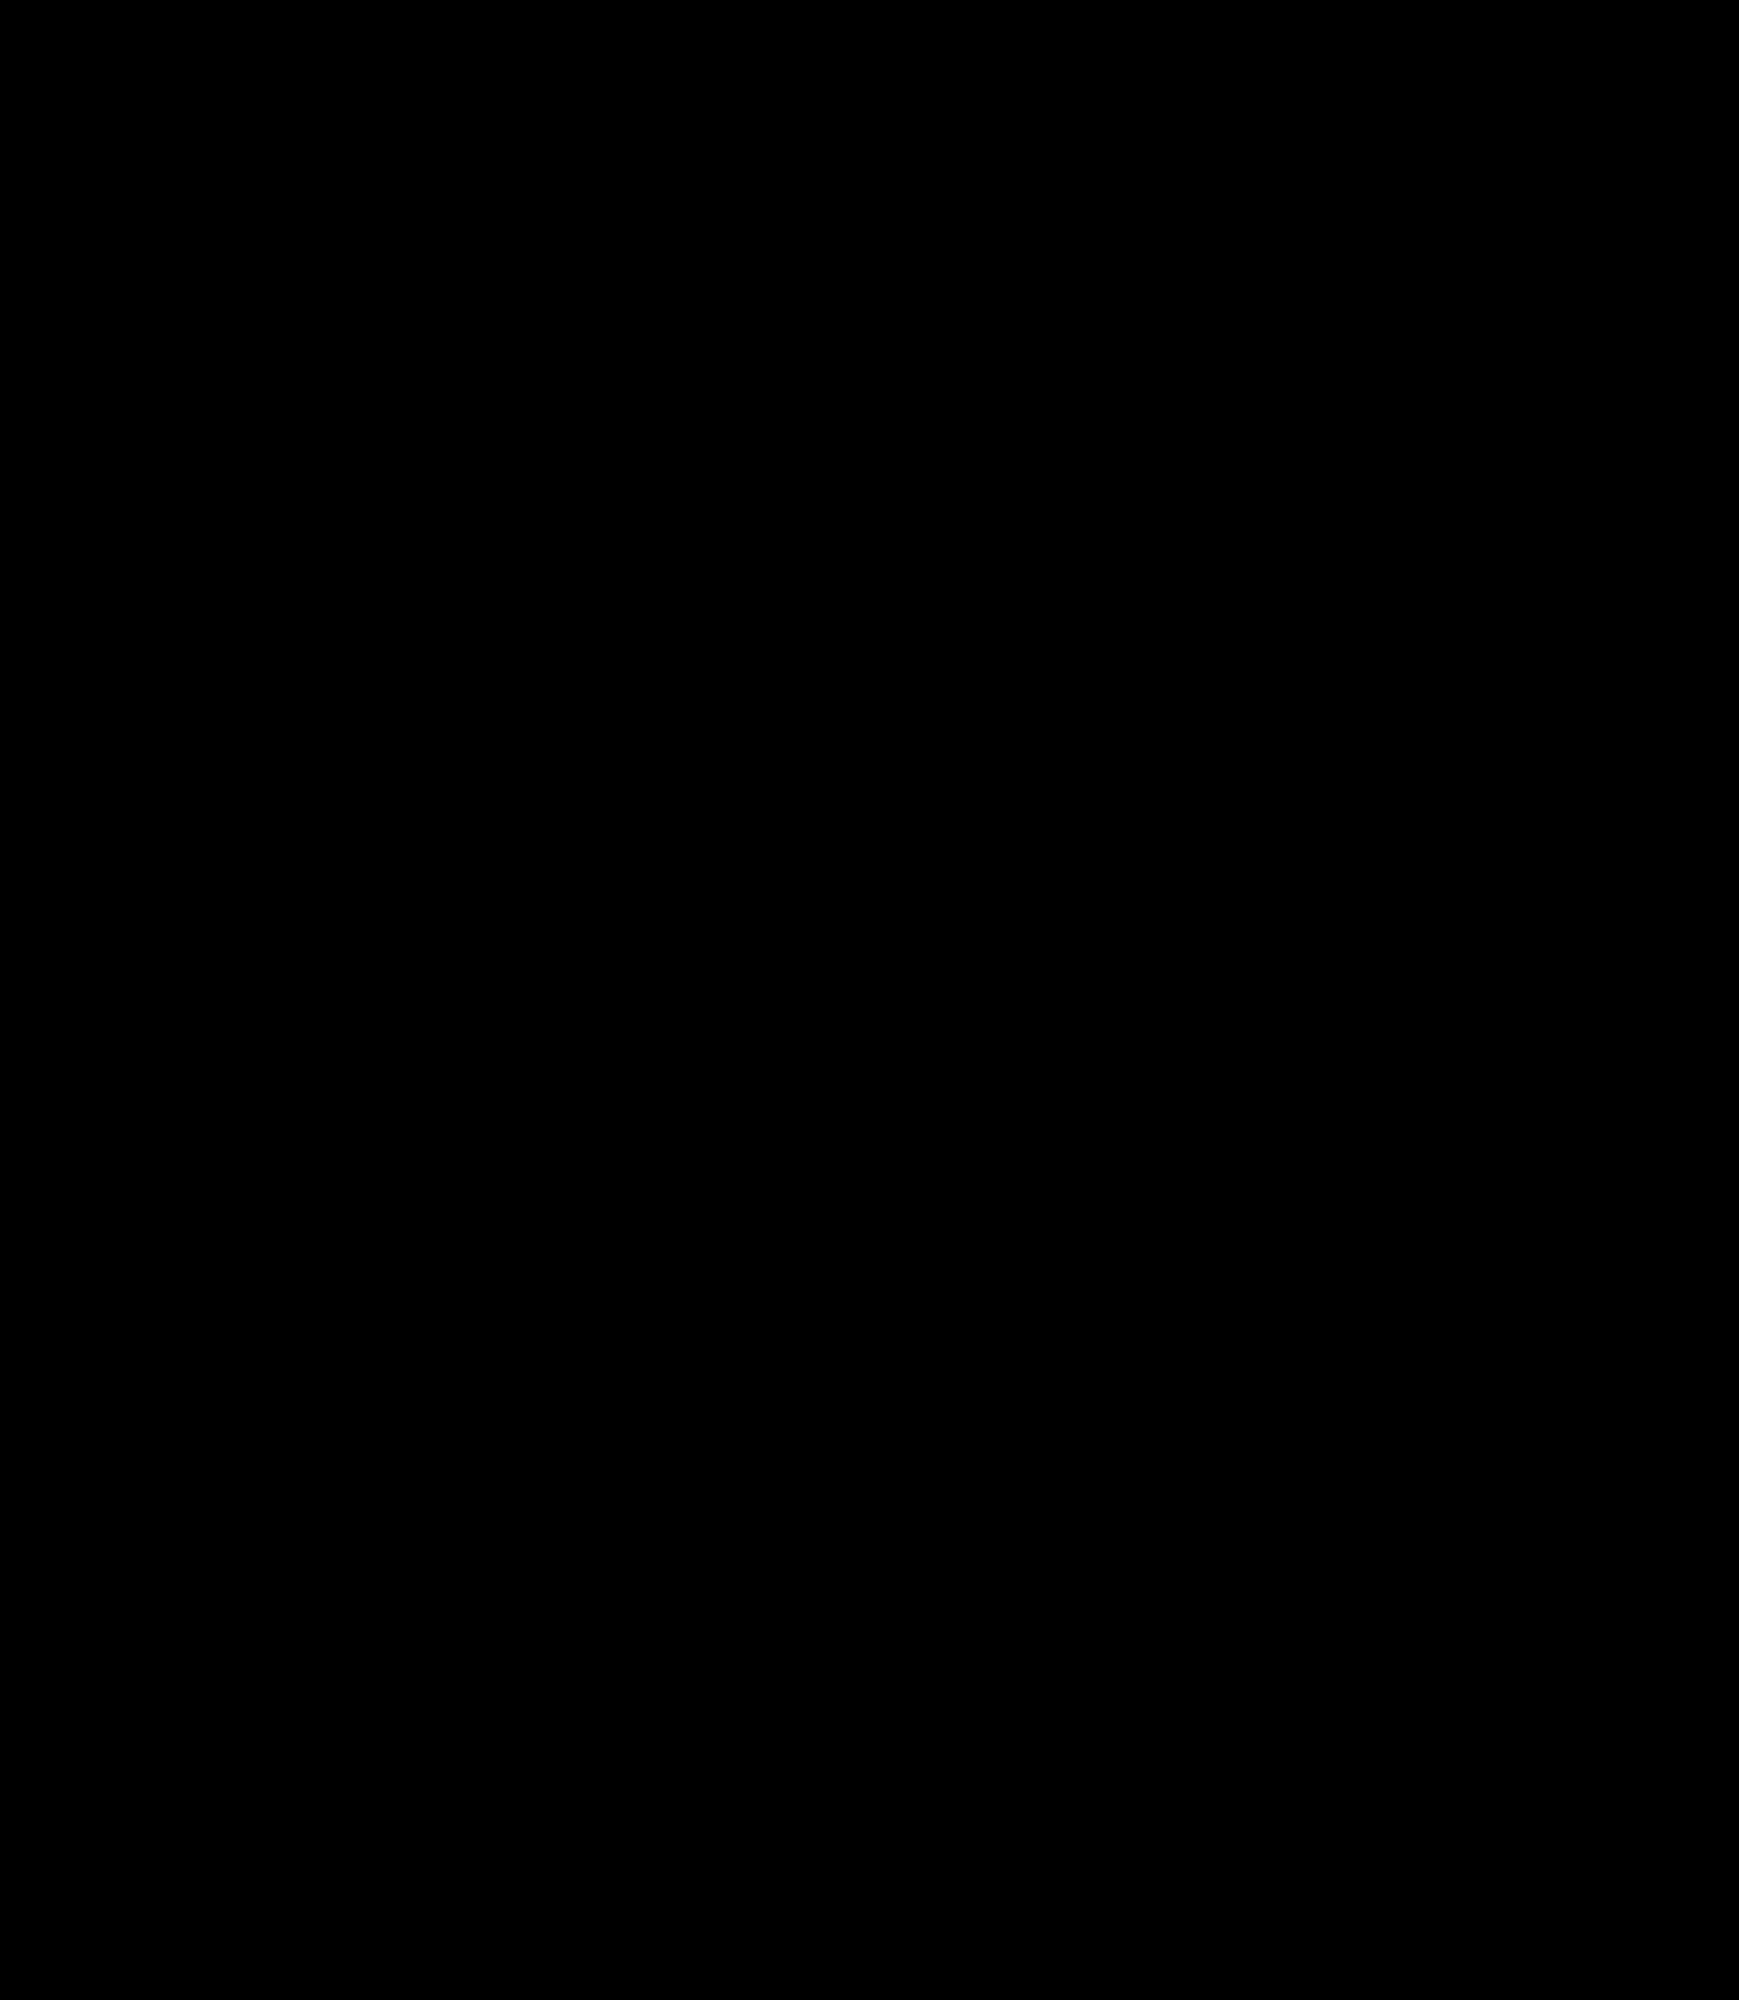 Gullsmed-logo-black.png